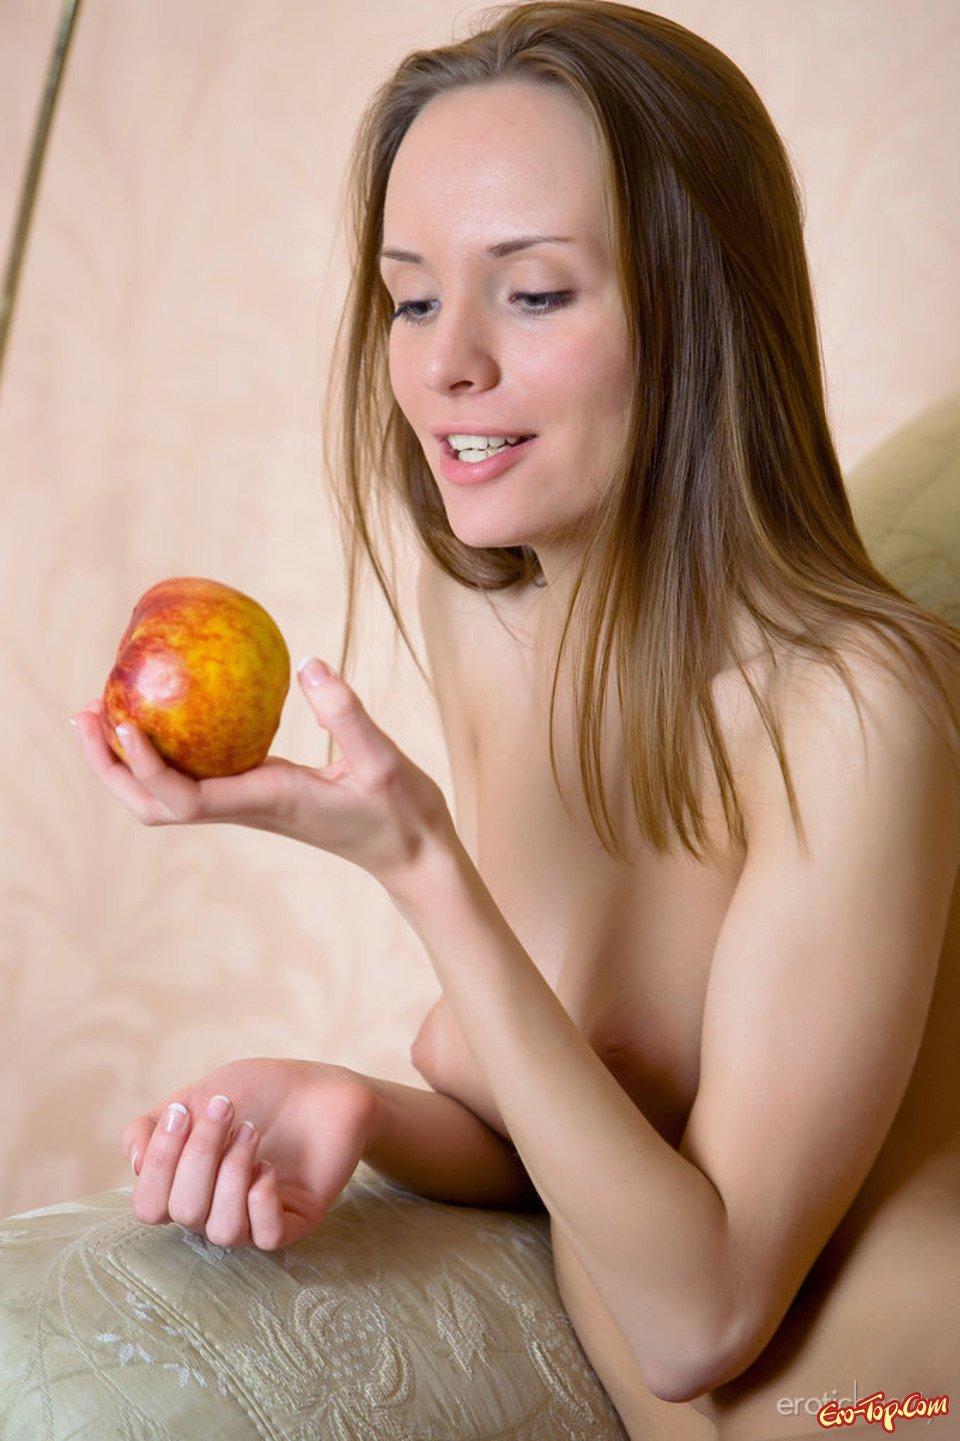 фото голая красивая девушки в одноклассника